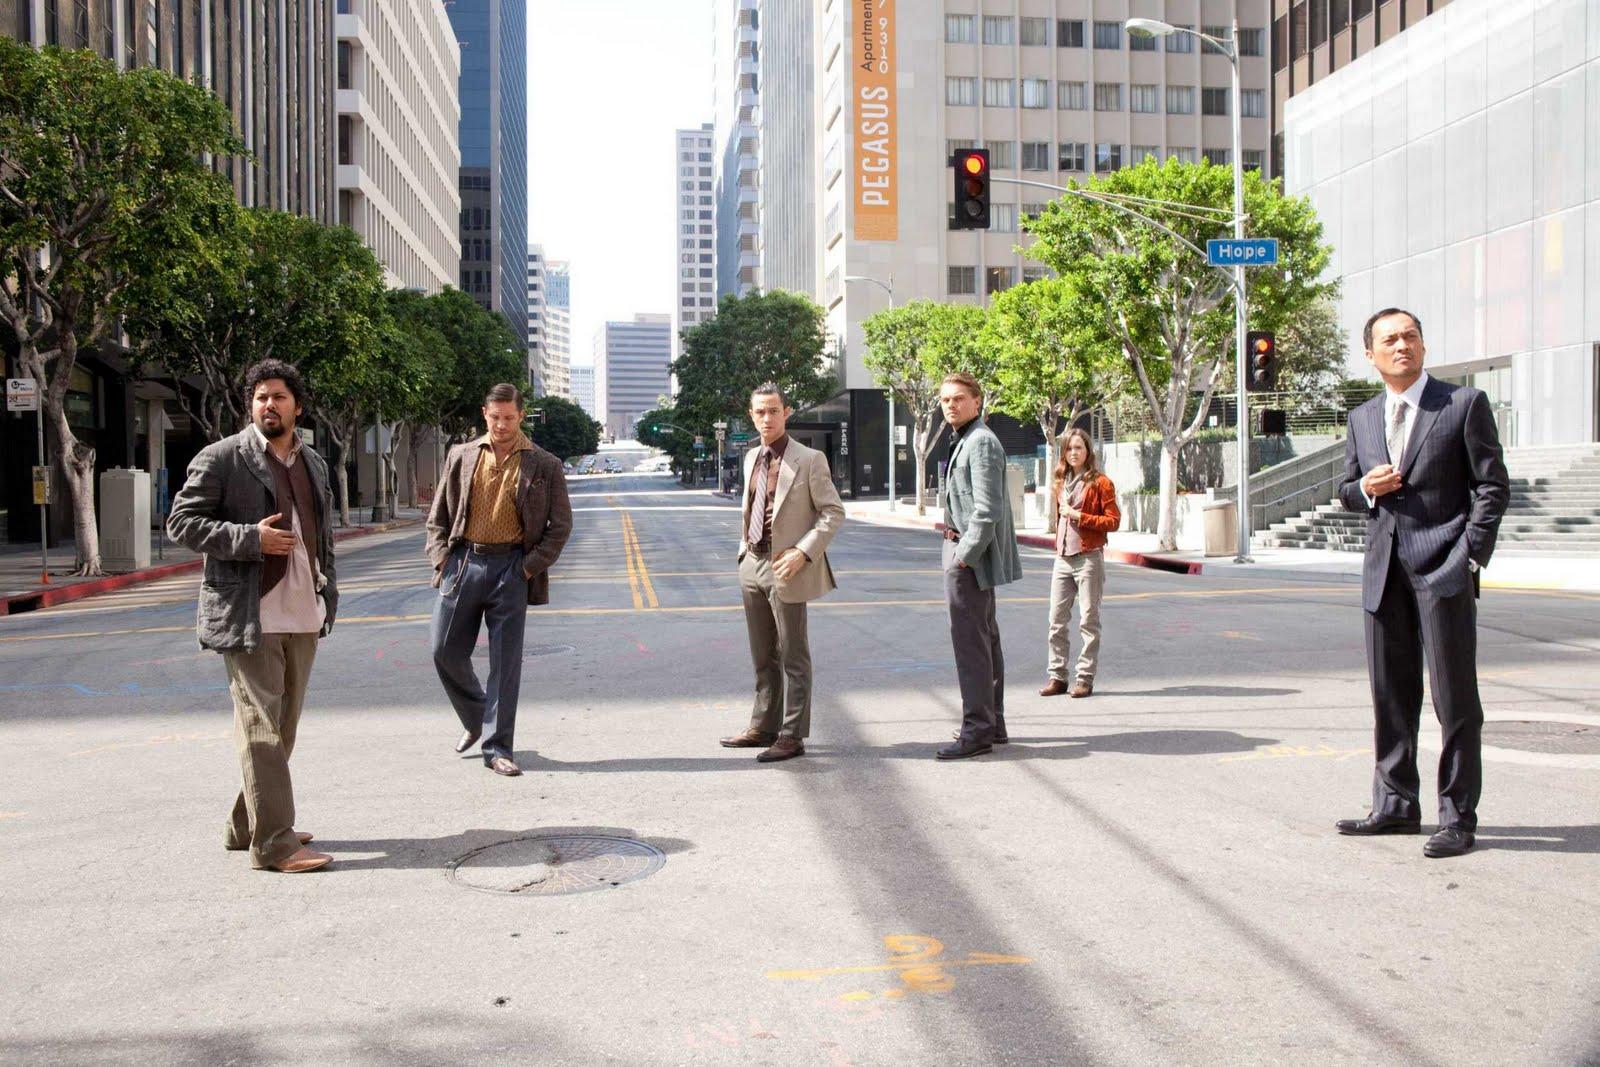 http://2.bp.blogspot.com/_kf6Cmm7gIGk/TEnUg8ifuaI/AAAAAAAABd0/QAJ2RRYp0bo/s1600/Inception+Leonardo+DiCaprio2.jpg